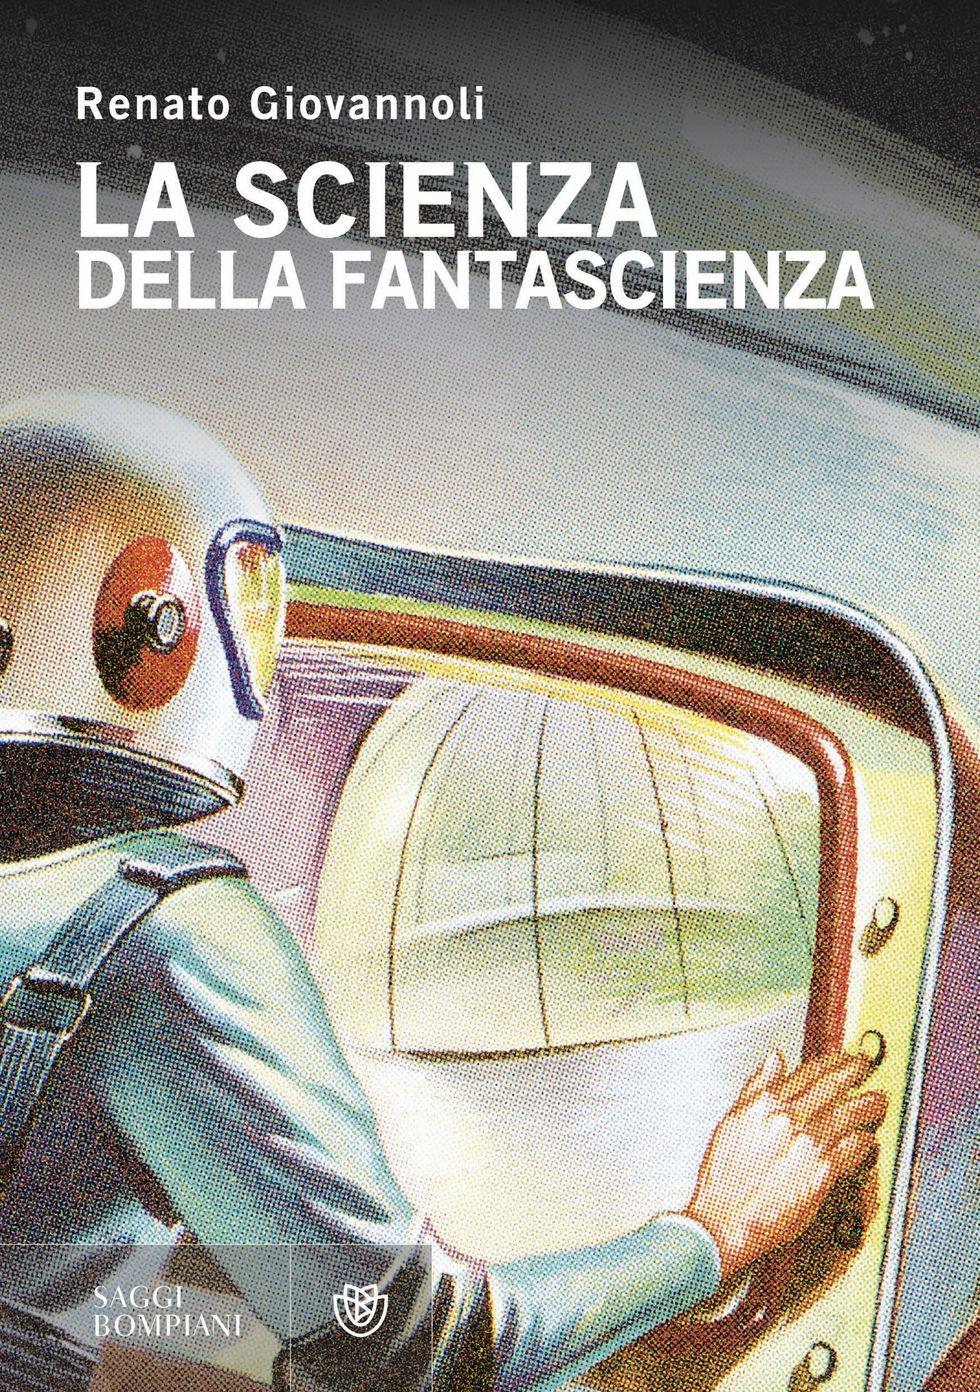 La scienza della fantascienza, Renato Giovannoli